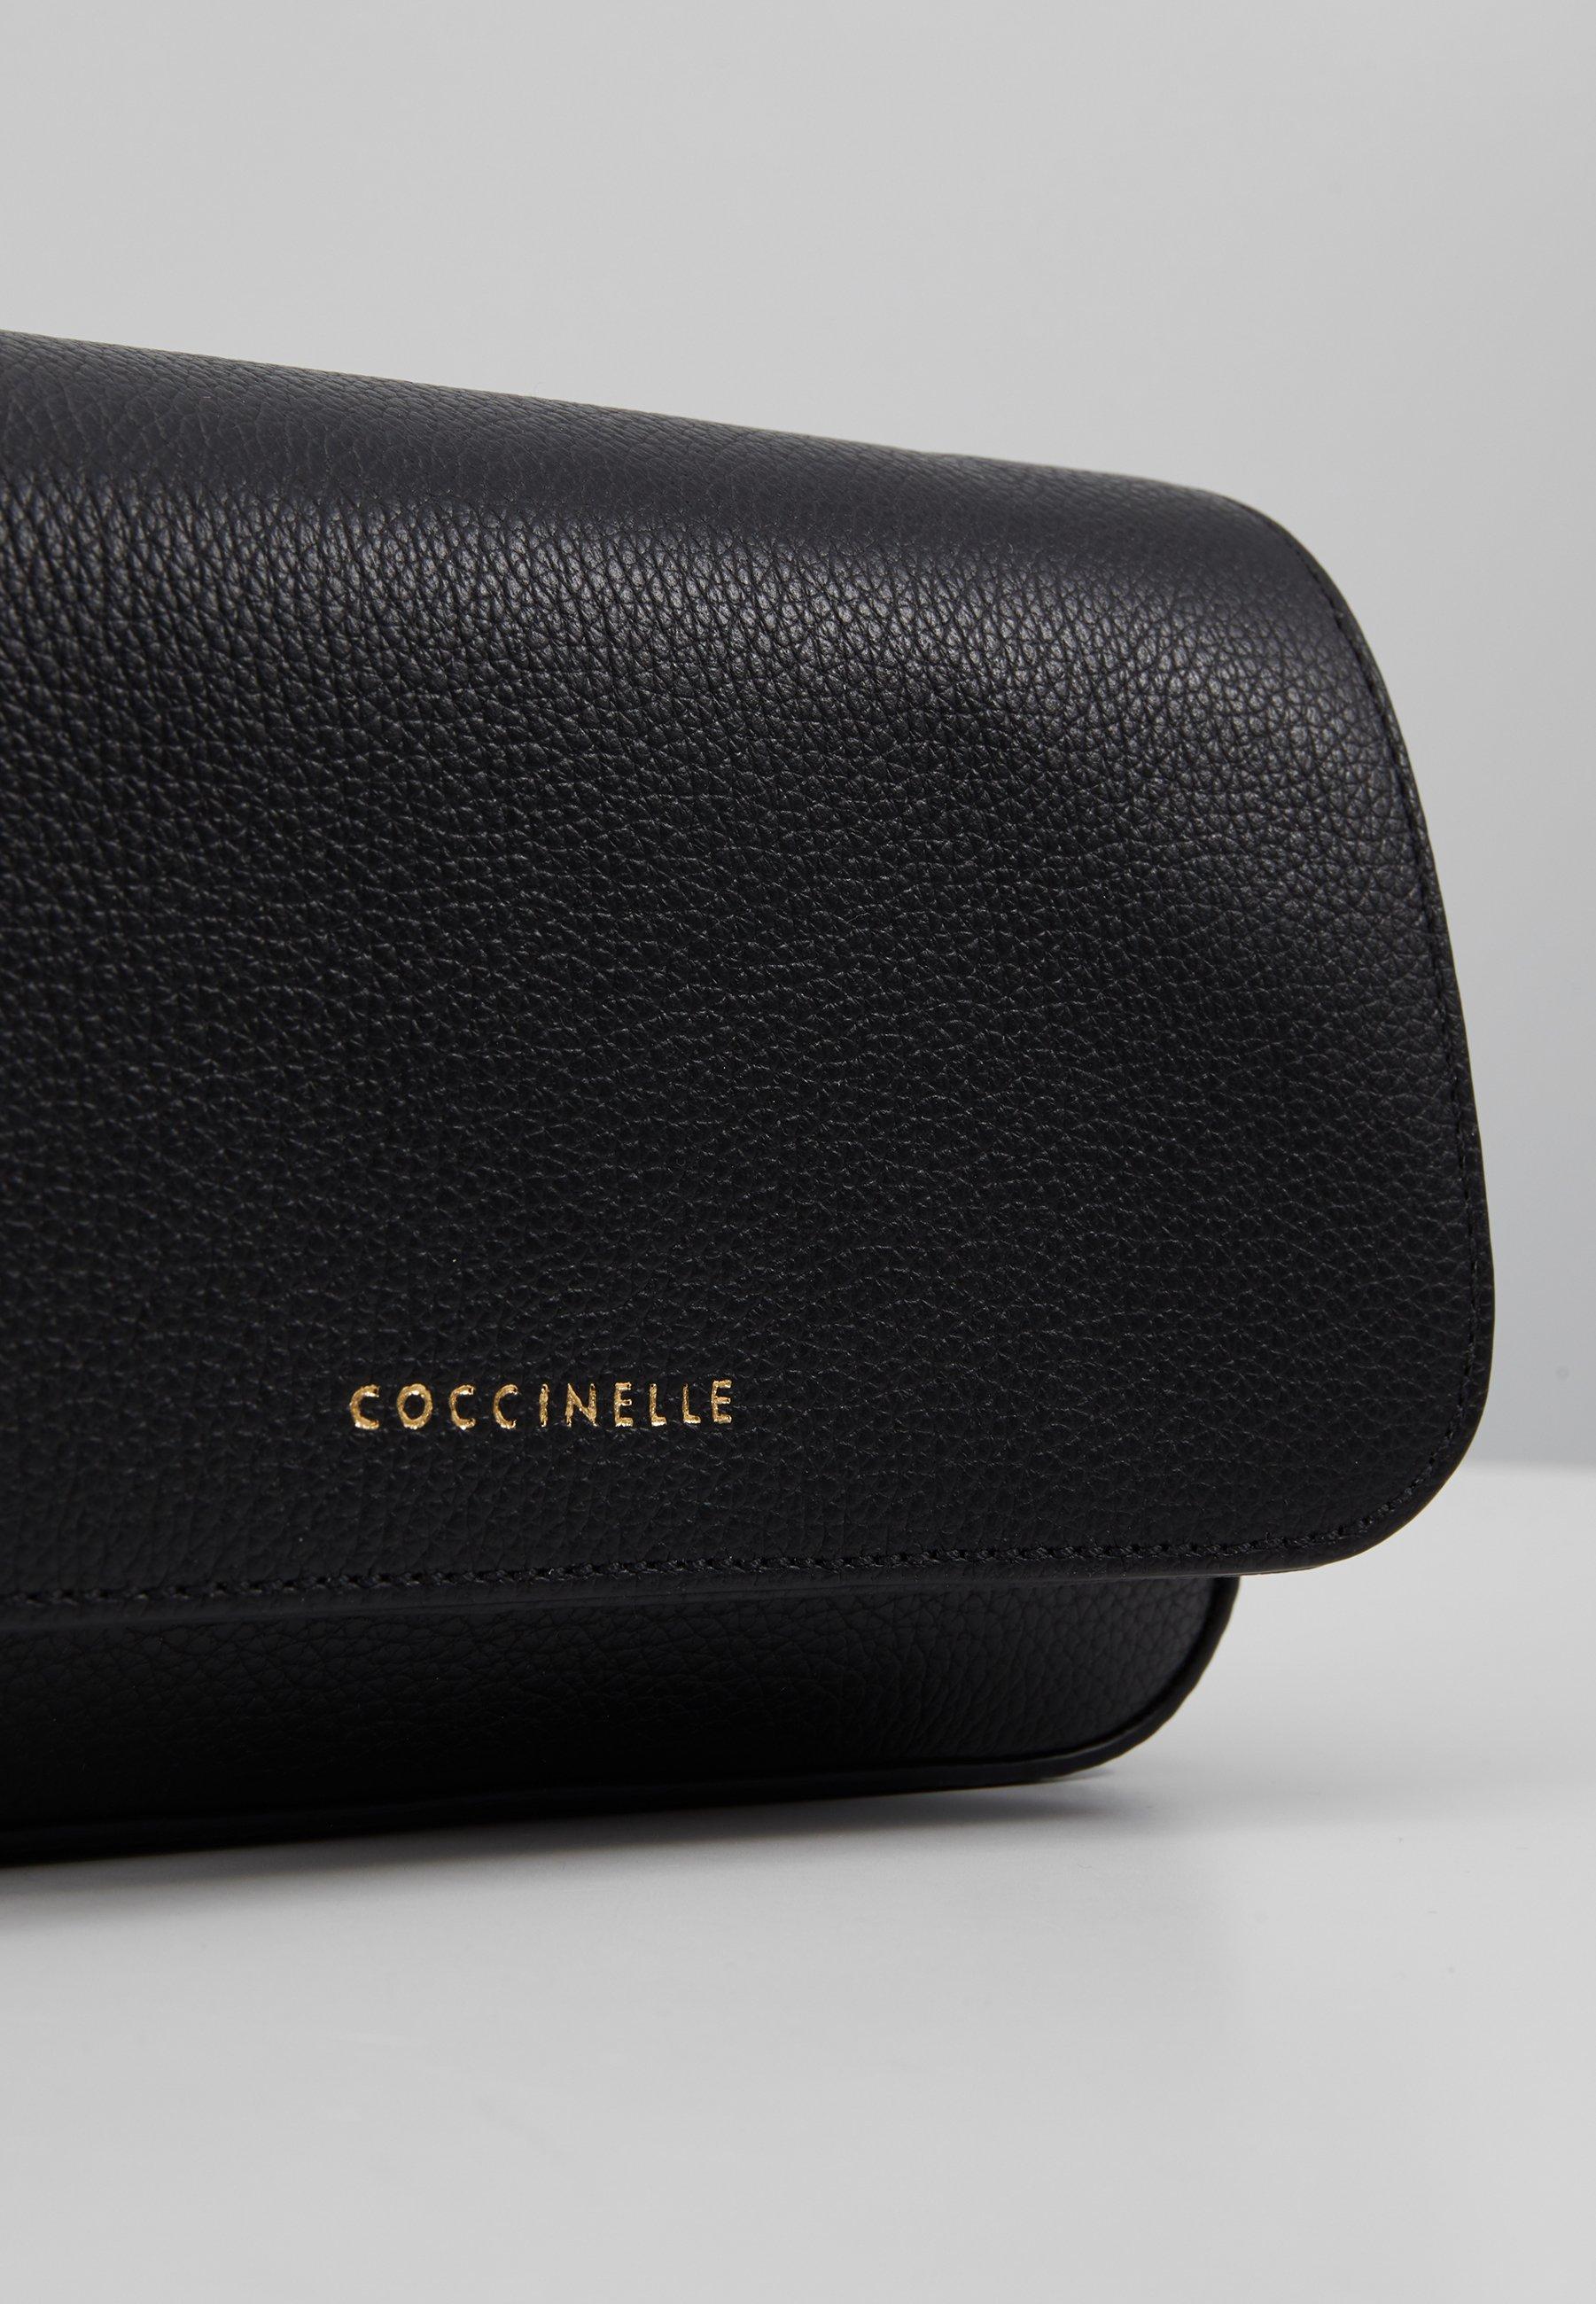 Autentyczny Gorąca wyprzedaż Coccinelle ANNETTA MINI BAG - Torba na ramię - noir | Akcesoria damskie 2020 cU7dV